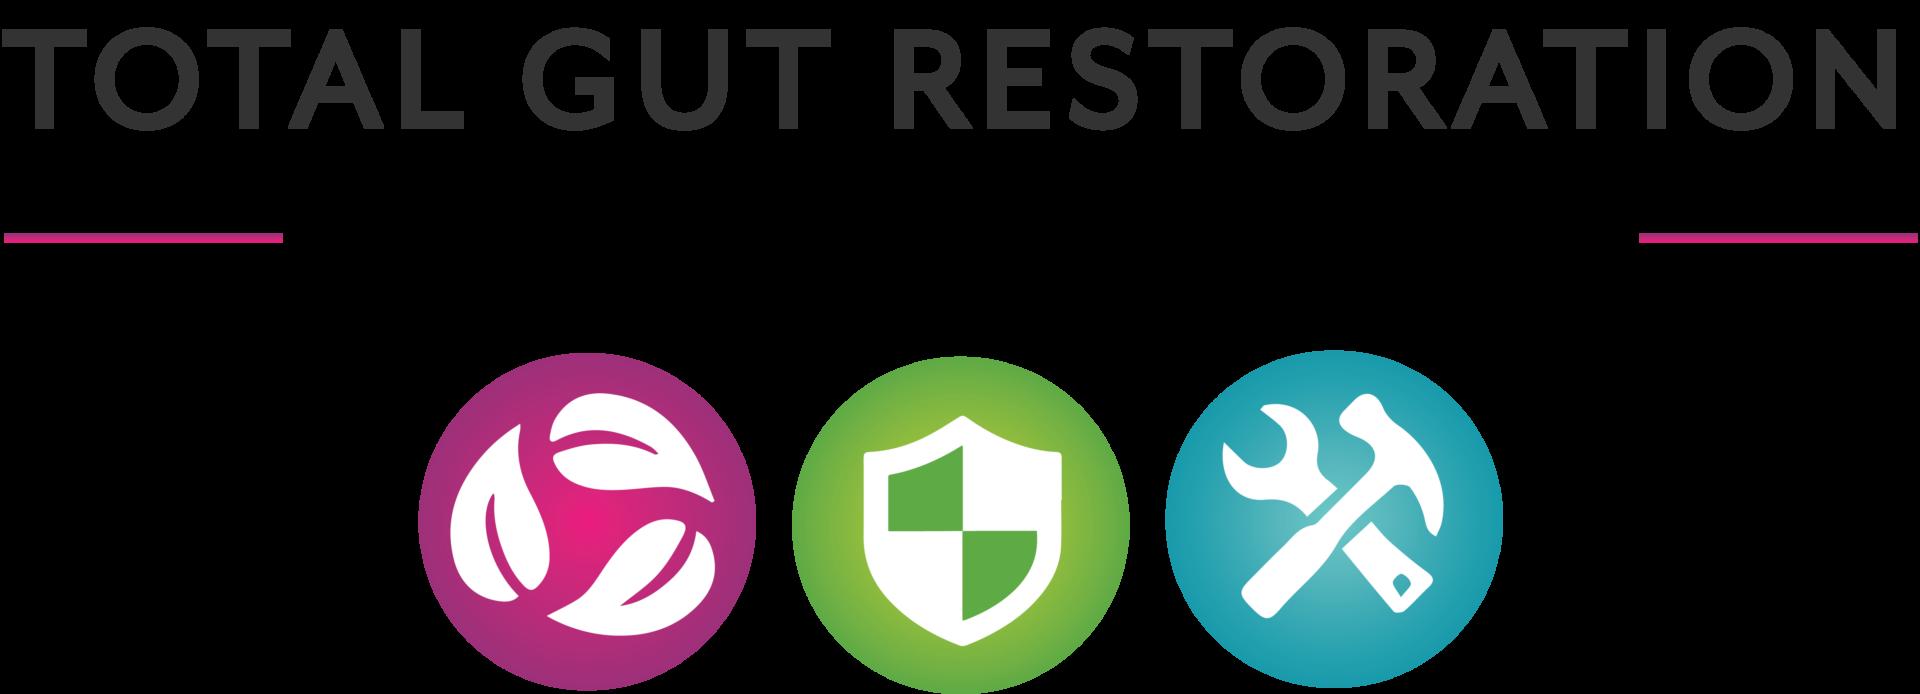 Total Gut Restoration